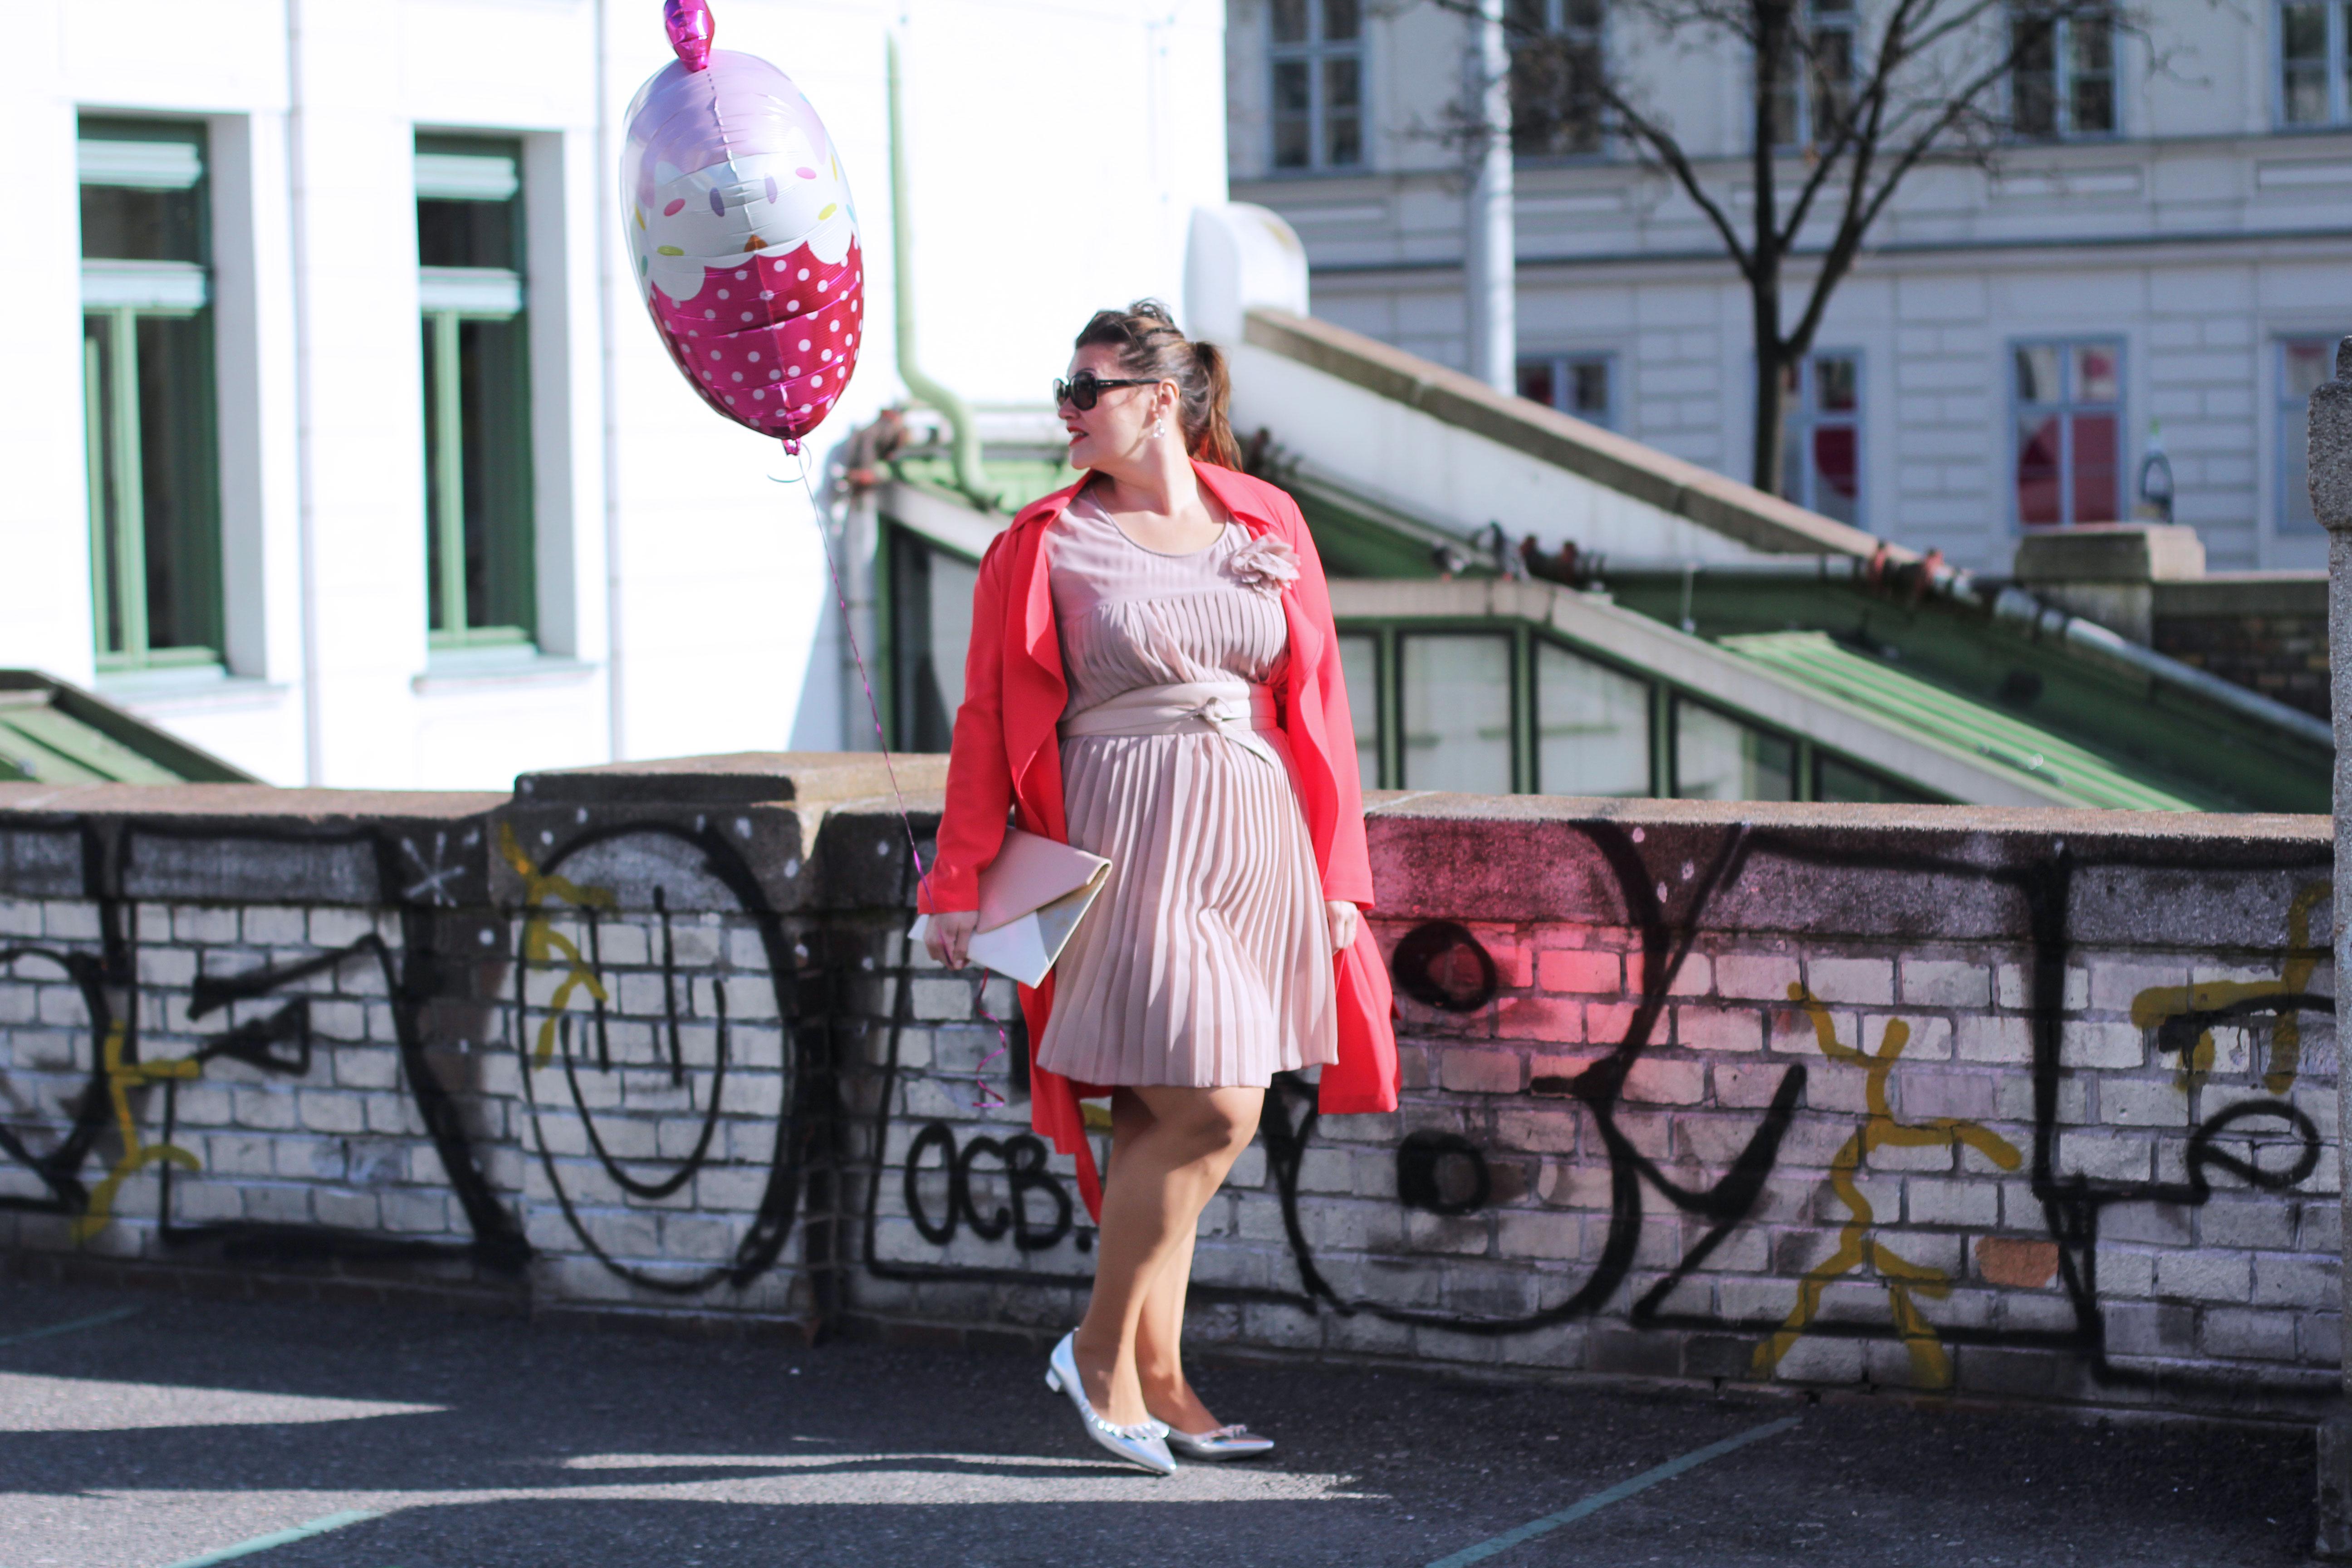 Volant-Metallic-Silber-Plissee-Kleid-Koralle-Trenchcoat-Grandios-Vienna-Plus-Size-Outfit-Look-Spring-Fashion-kardiaserena